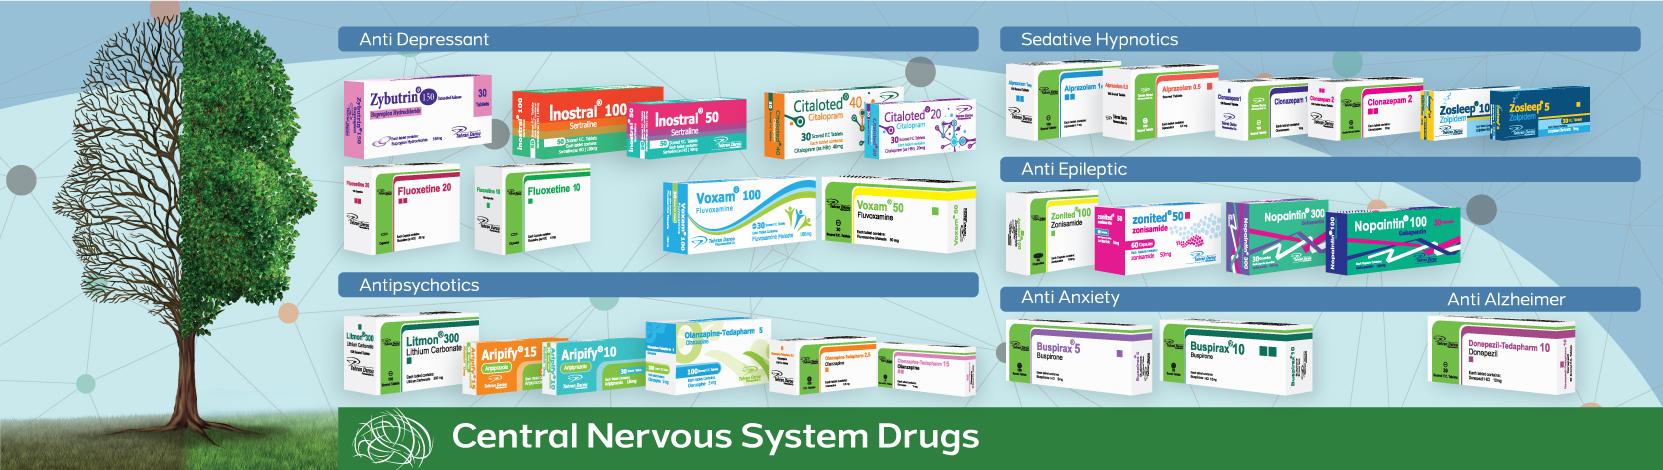 بنر داروهای اعصاب